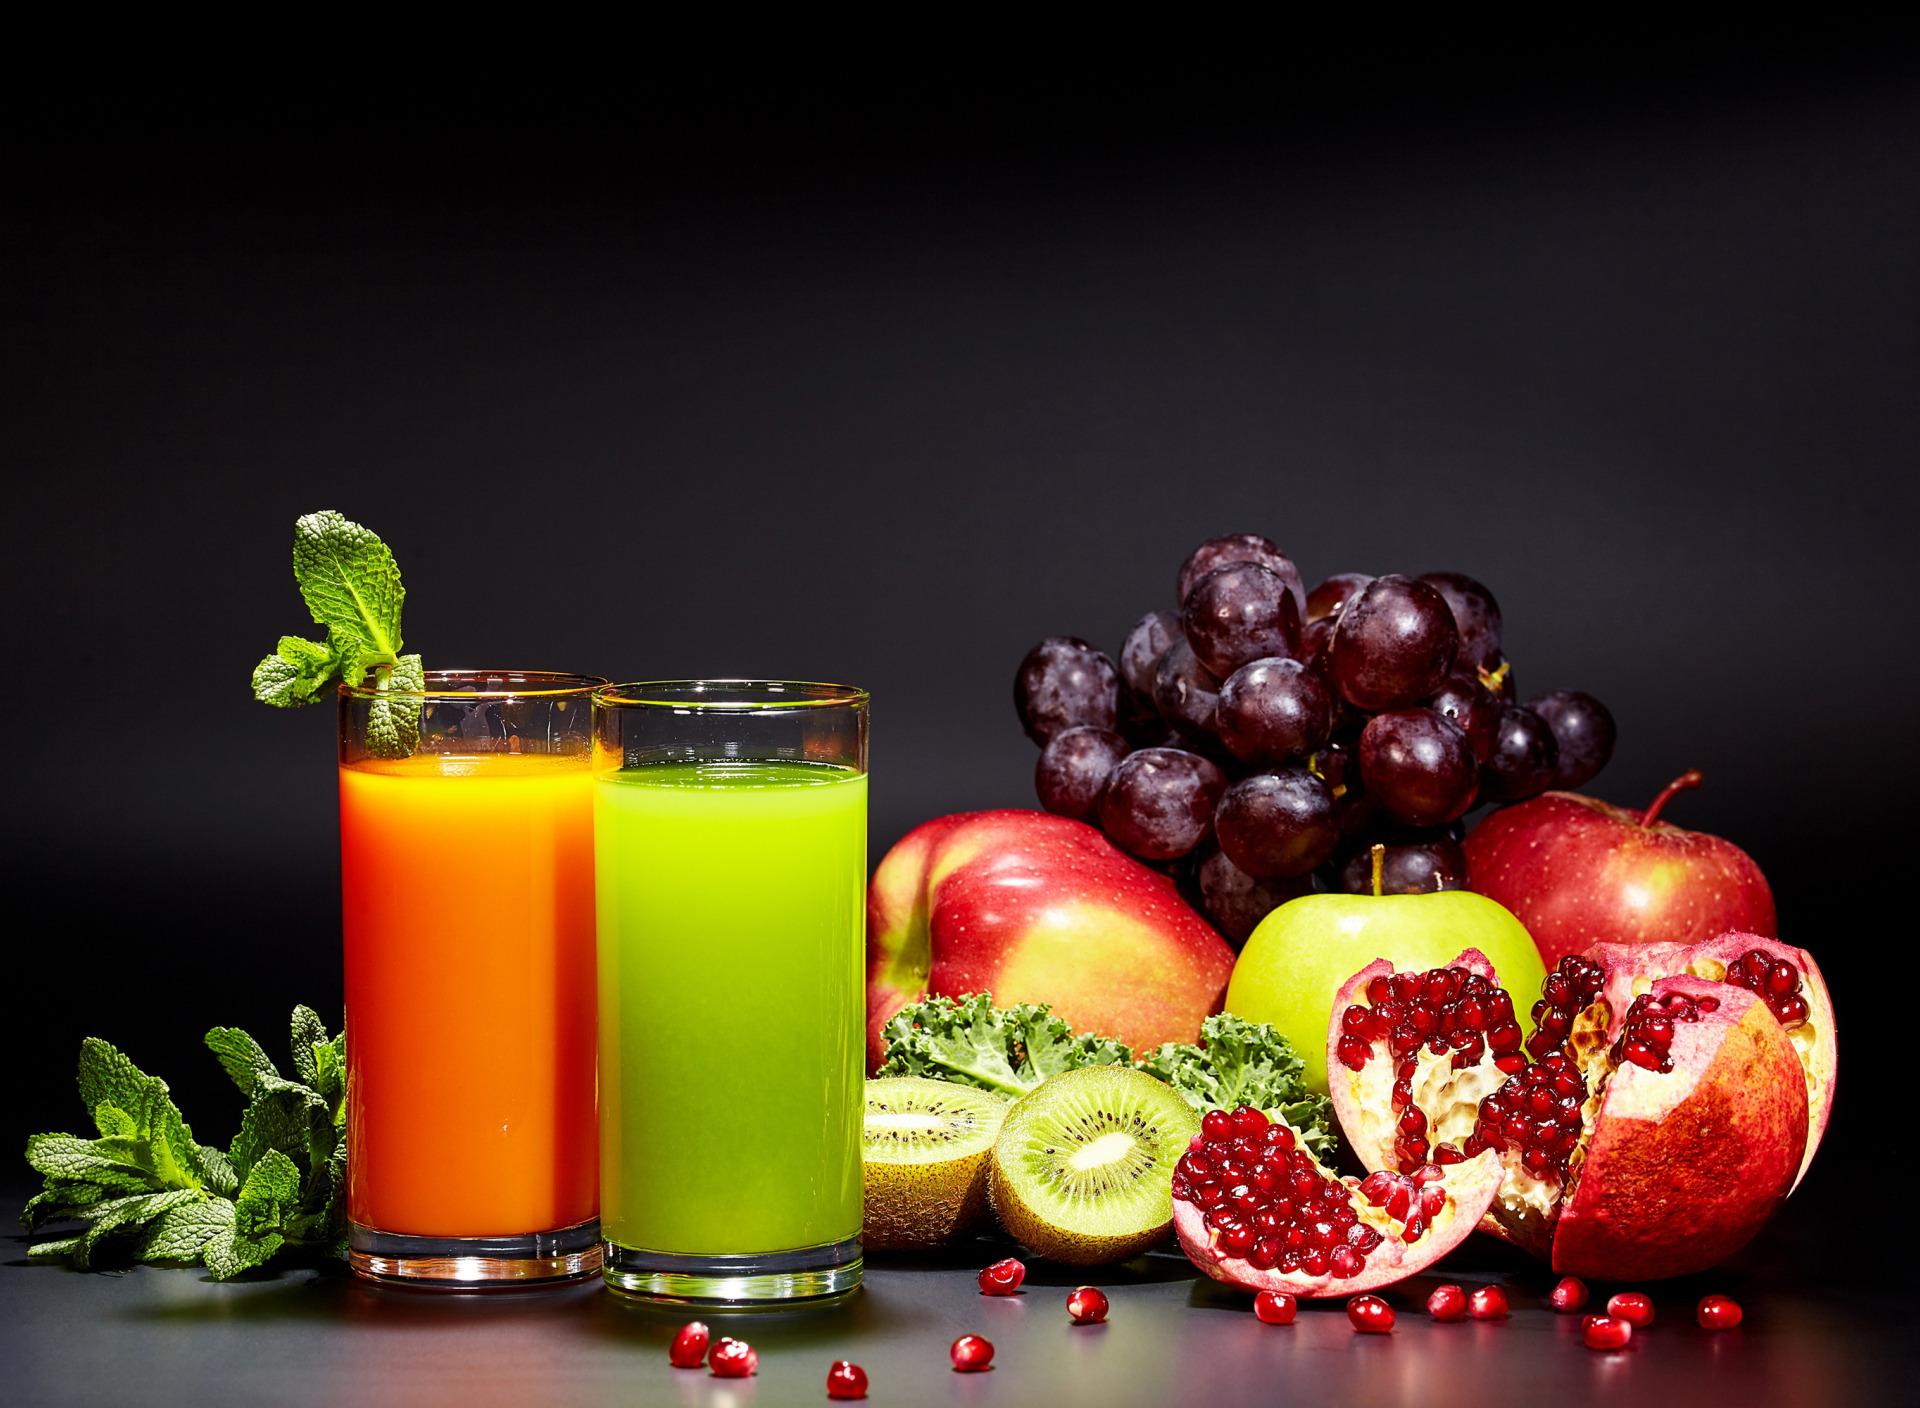 данной картинки еда напитки фрукты волка изображают